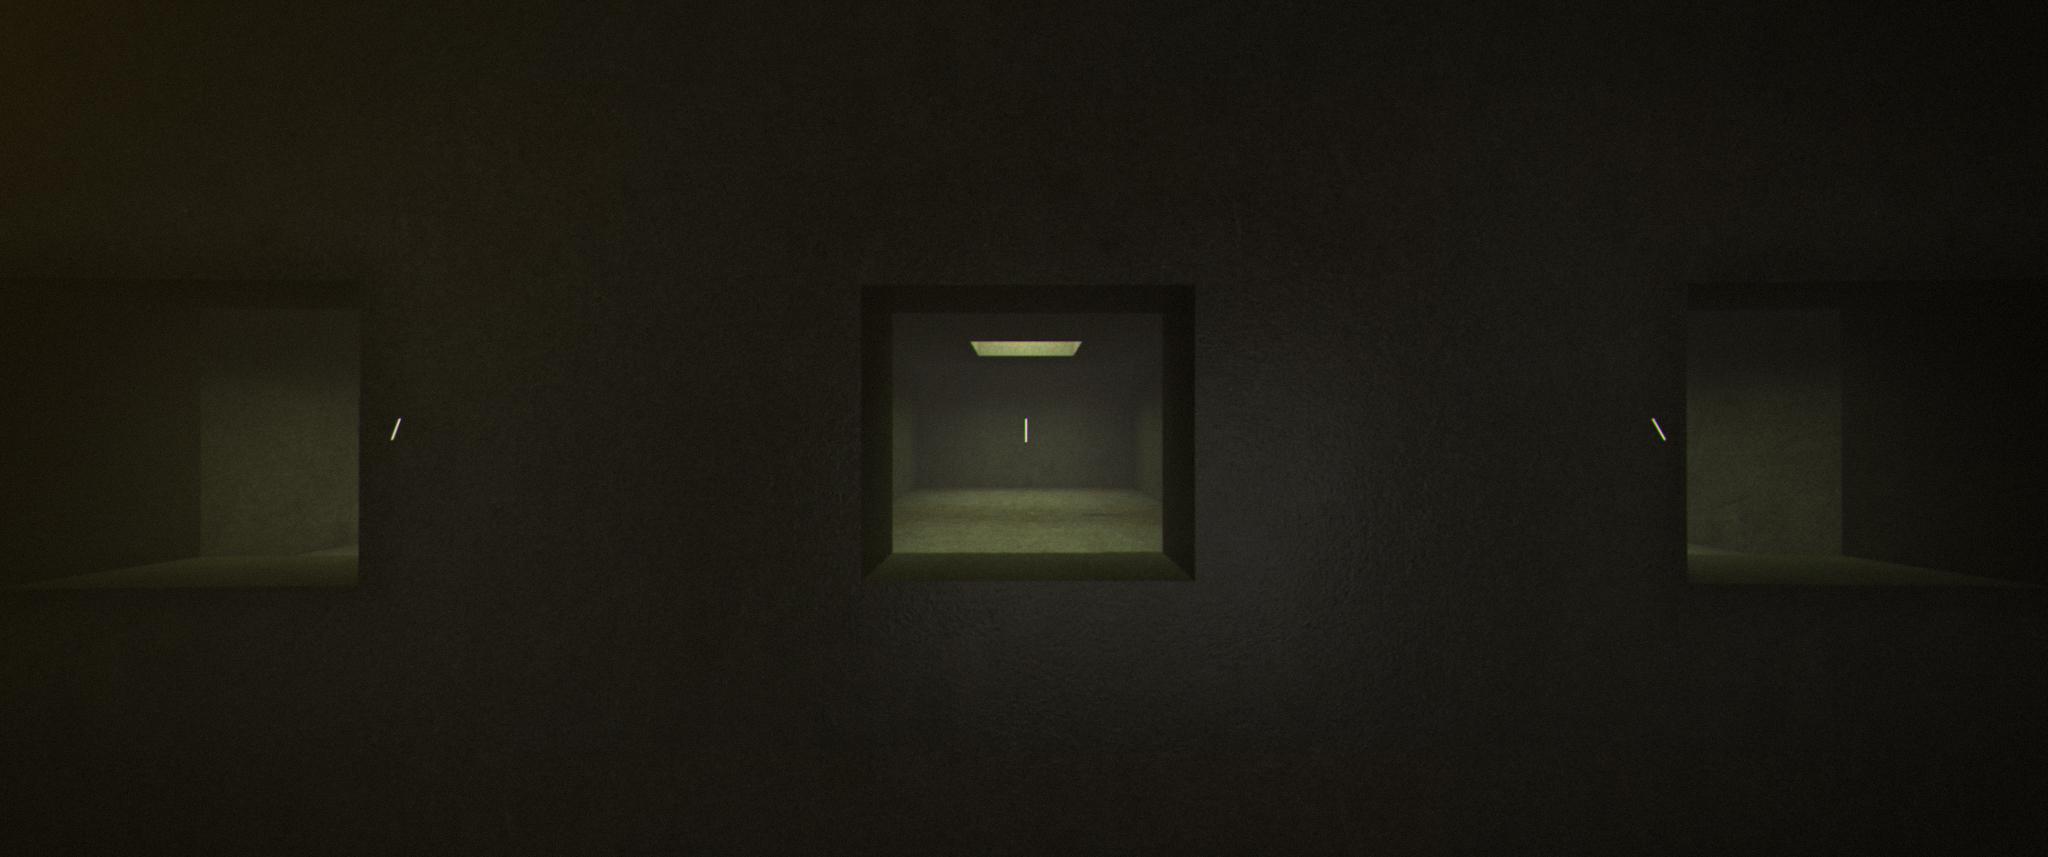 BOX_CONCEPT_01.4 (0-00-00-00)